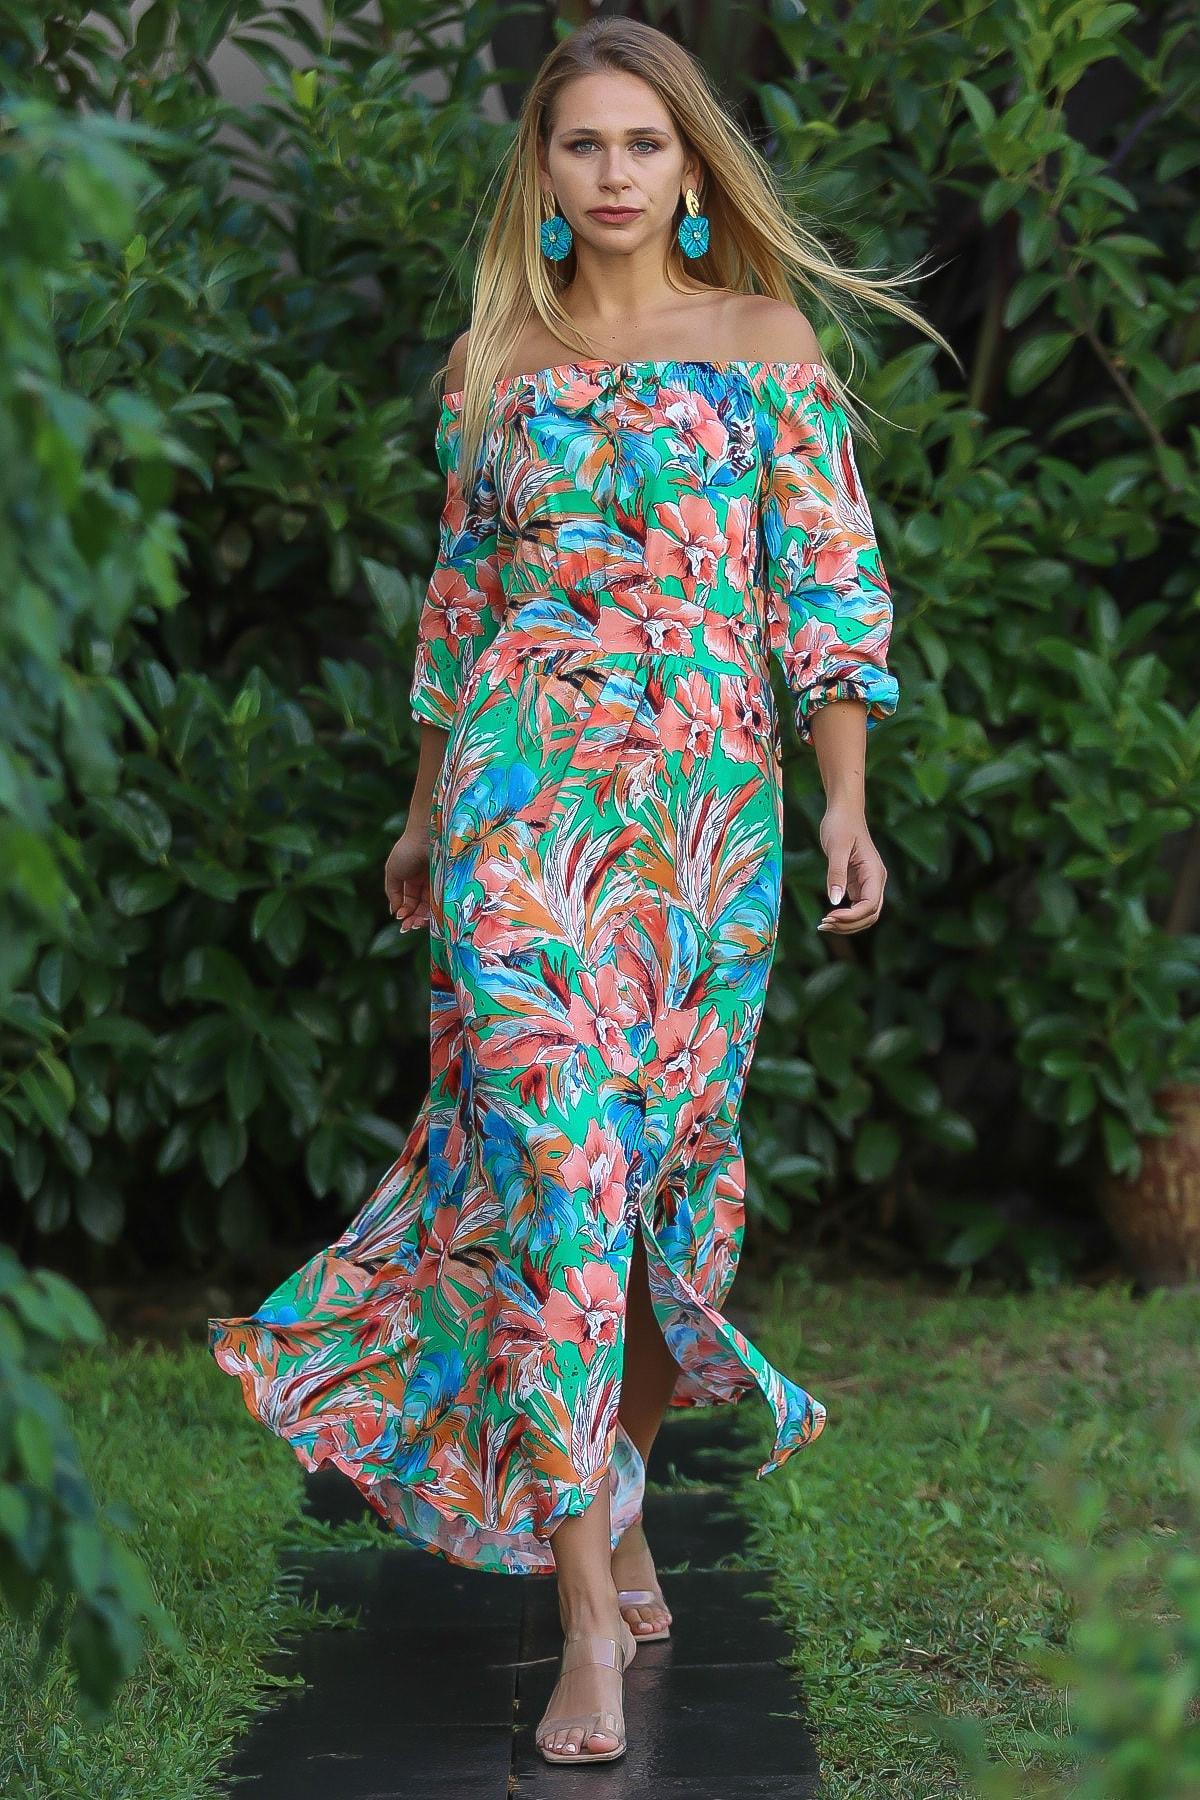 Chiccy Kadın Yeşil Bohem Carmen Yaka Sırtı Fermuar Detaylı Yırtmaçlı Uzun Elbise M10160000El96499 0